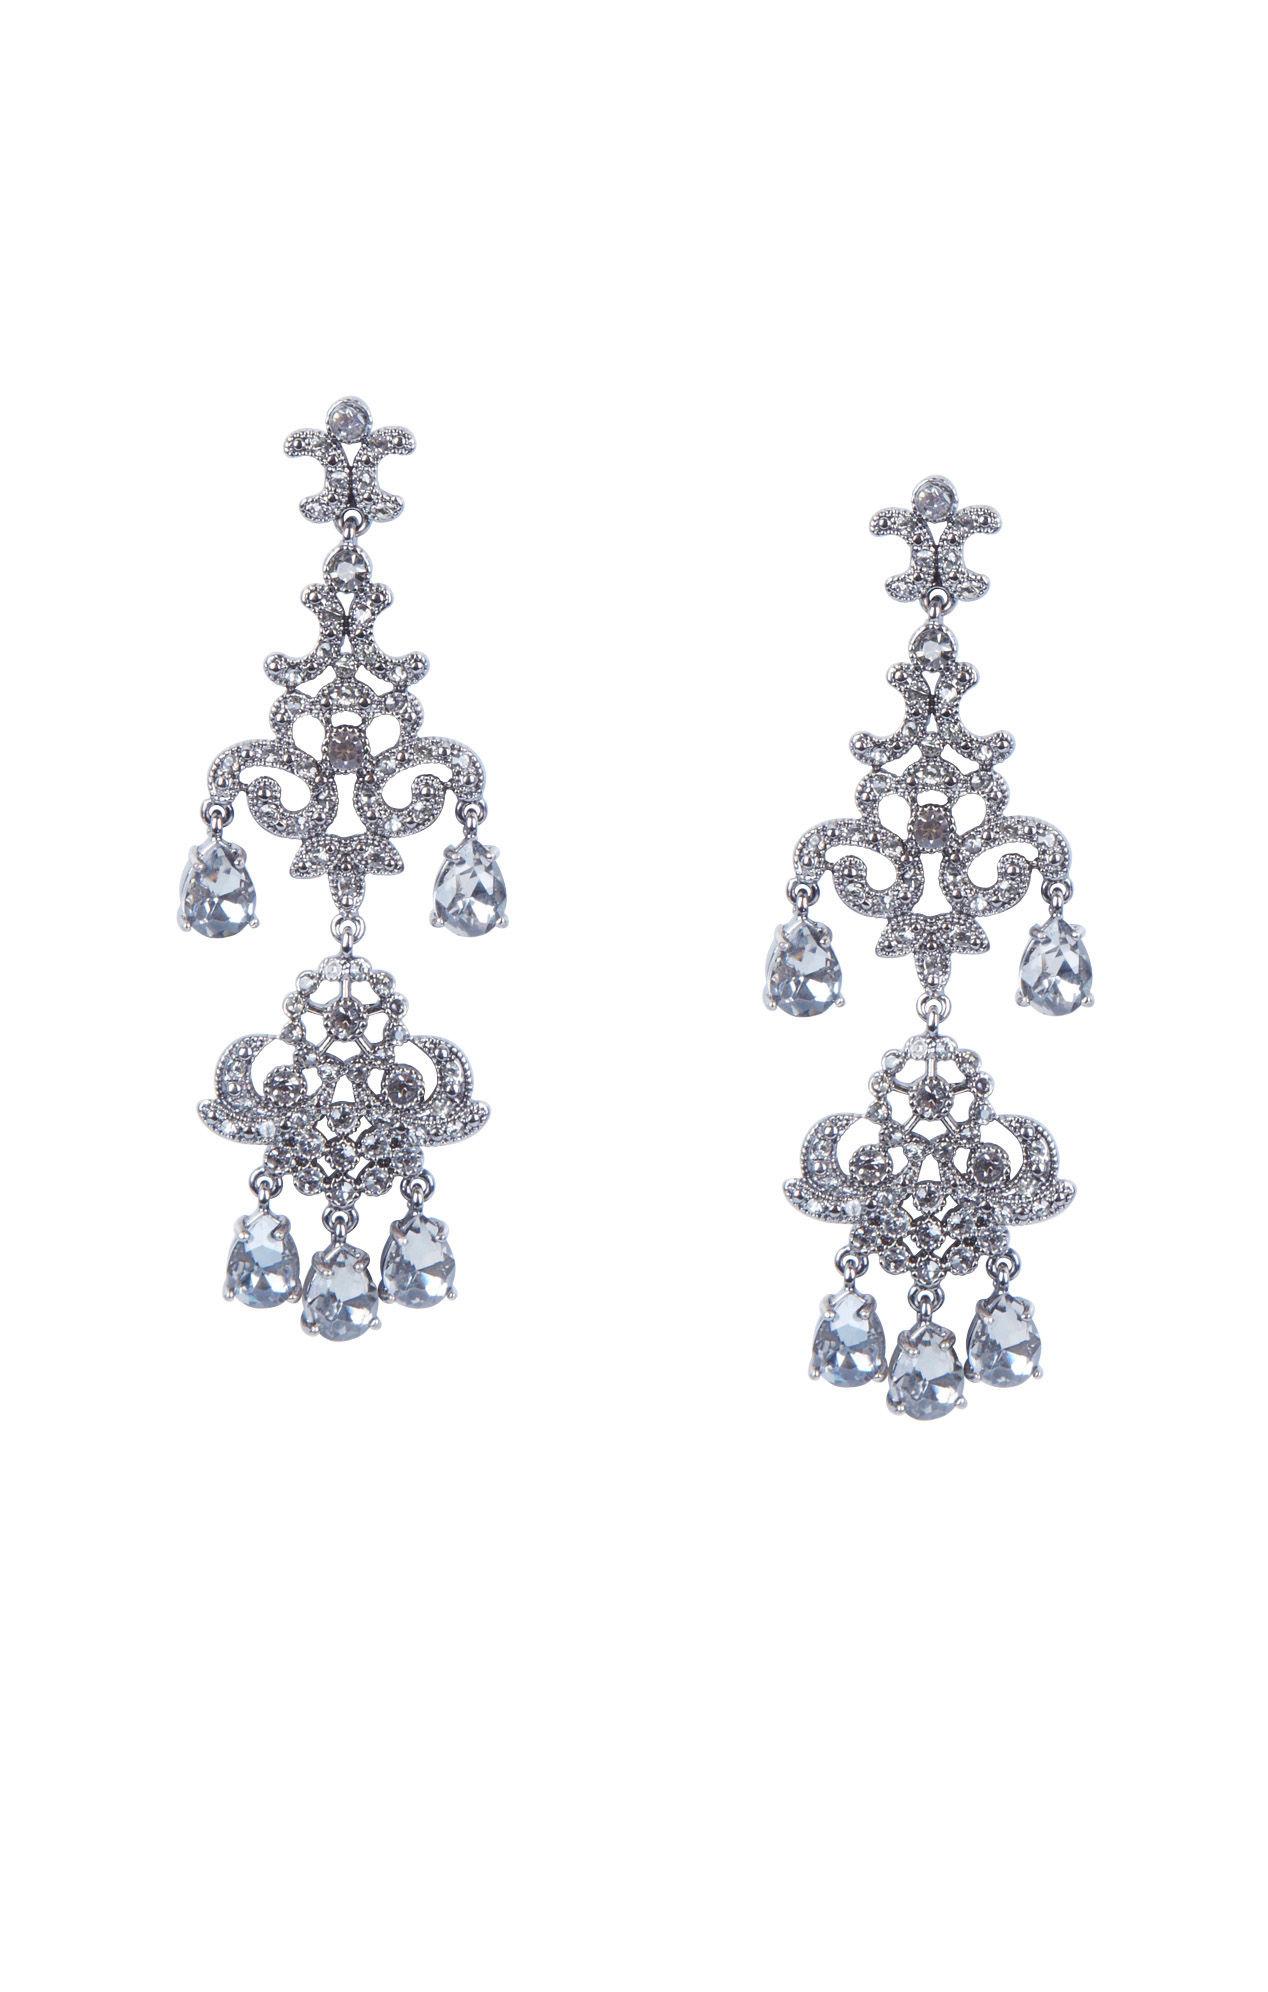 Bcbgmaxazria Teardrop Stone Chandelier Earrings in Metallic – Black Diamond Chandelier Earrings